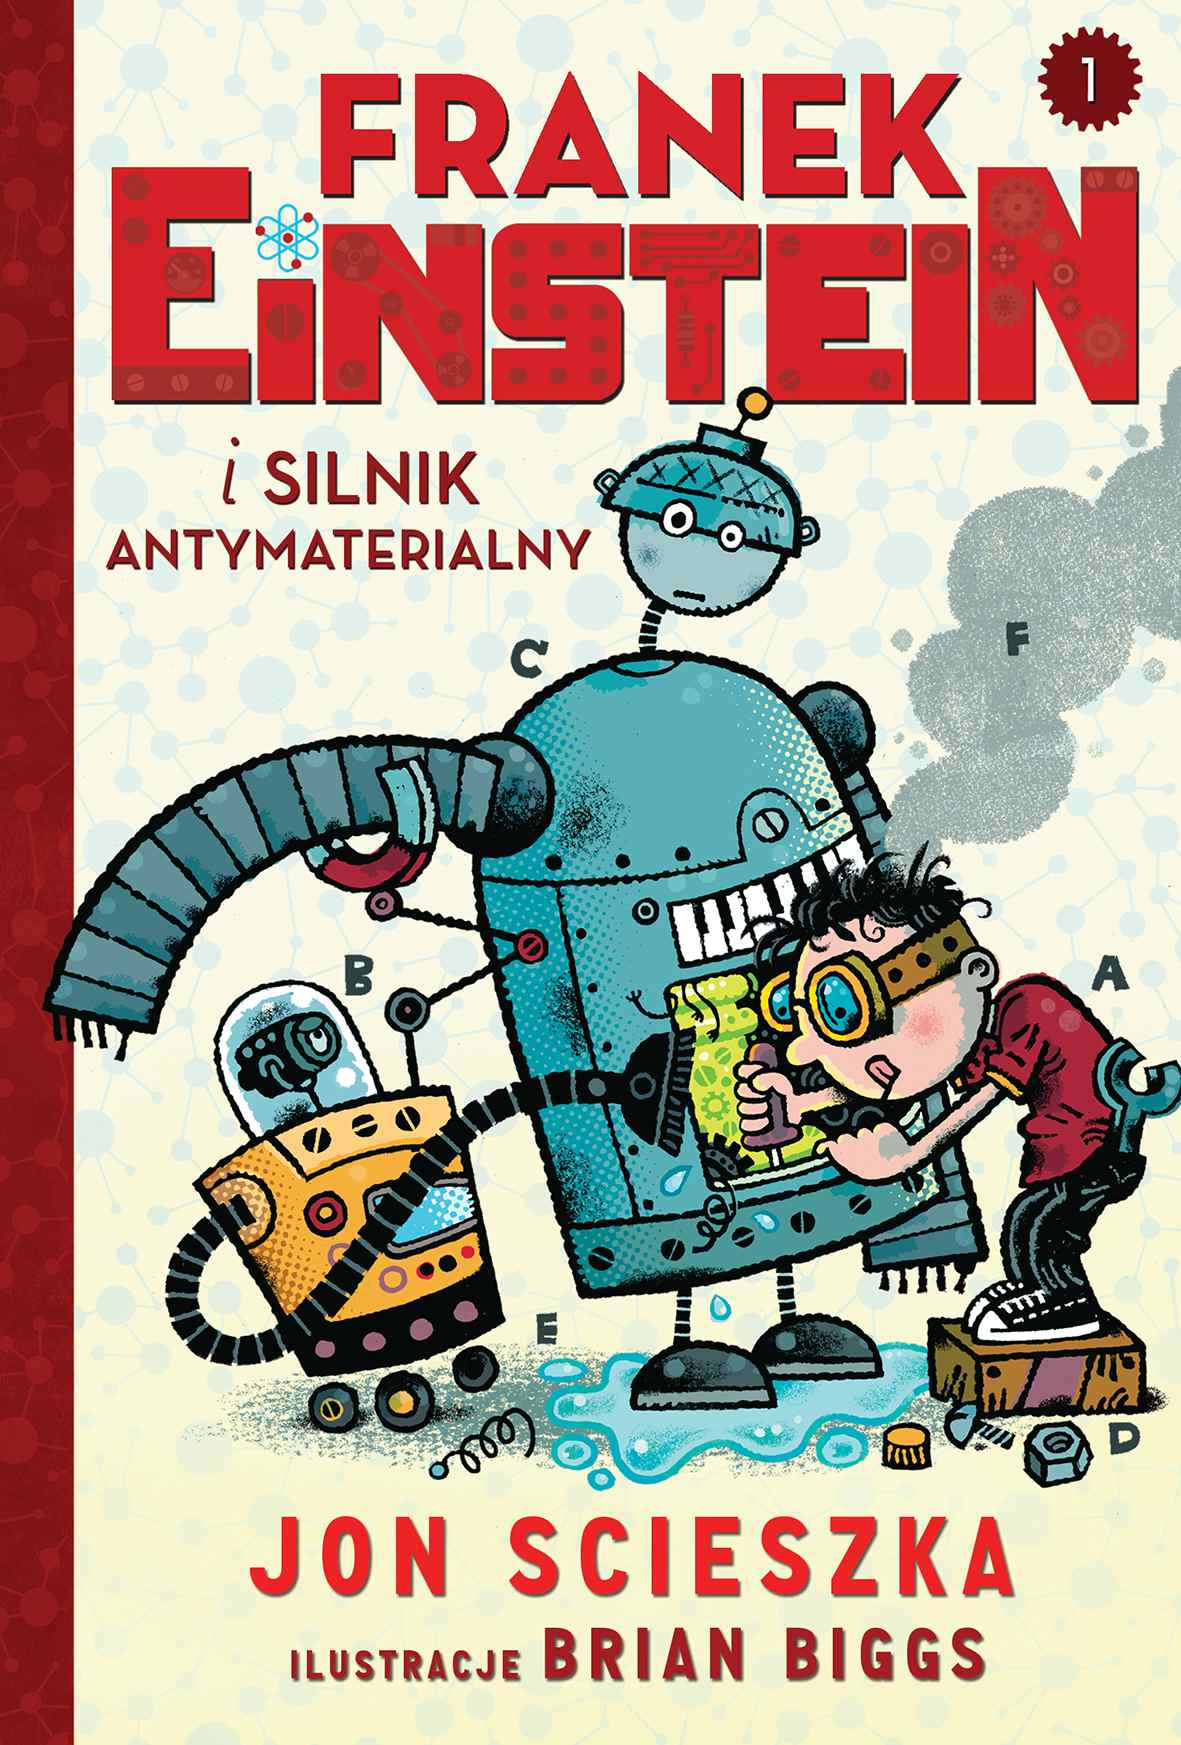 Franek Einstein i silnik antymaterialny - Ebook (Książka na Kindle) do pobrania w formacie MOBI